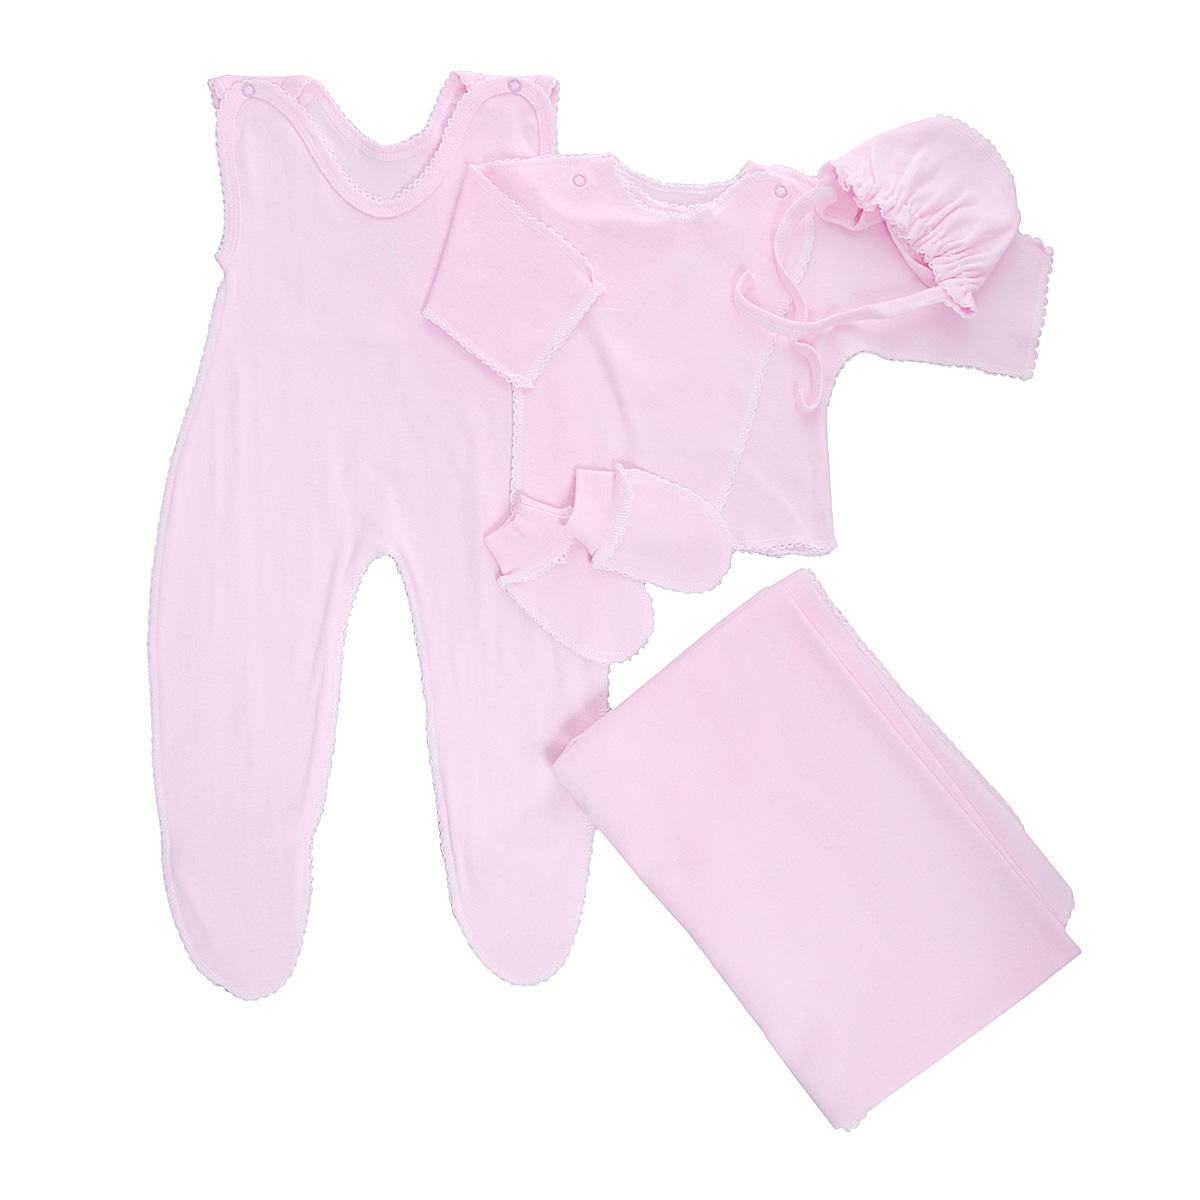 Комплект для новорожденного Трон-Плюс, 5 предметов, цвет: розовый. 7127. Размер 56, 1 месяц7127Комплект для новорожденного Трон-плюс - это замечательный подарок, который прекрасно подойдет для первых дней жизни малыша. Комплект состоит из ползунков с грудкой и закрытыми ножками, распашонки, чепчика, рукавичек и пеленки. Комплект изготовлен из натурального хлопка, благодаря чему он необычайно мягкий и приятный на ощупь, не сковывает движения младенца и позволяет коже дышать, не раздражает даже самую нежную и чувствительную кожу ребенка, обеспечивая ему наибольший комфорт. Распашонка с запахом, застегивается при помощи двух кнопок на плечах, которые позволяют без труда переодеть ребенка. Швы выполнены наружу и обработаны ажурными петельками. Ползунки с закрытыми ножками, застегивающиеся сверху на две кнопочки, идеально подойдут вашему ребенку, обеспечивая ему наибольший комфорт. Подходят для ношения с подгузником и без него. Мягкий чепчик с завязочками защищает еще не заросший родничок, щадит чувствительный слух малыша, прикрывая ушки, и предохраняет от теплопотерь. Дополнен чепчик мягкой эластичной сборкой. Рукавички обеспечат вашему малышу комфорт во время сна и бодрствования, предохраняя нежную кожу новорожденного от расцарапывания. Они дополнены широкой эластичной резинкой. Пеленка станет незаменимым помощником в деле ухода за ребенком. Элементы набора выполнены швами наружу и оформлены ажурными петельками. В таком комплекте ваш малыш будет чувствовать себя комфортно, уютно и всегда будет в центре внимания!